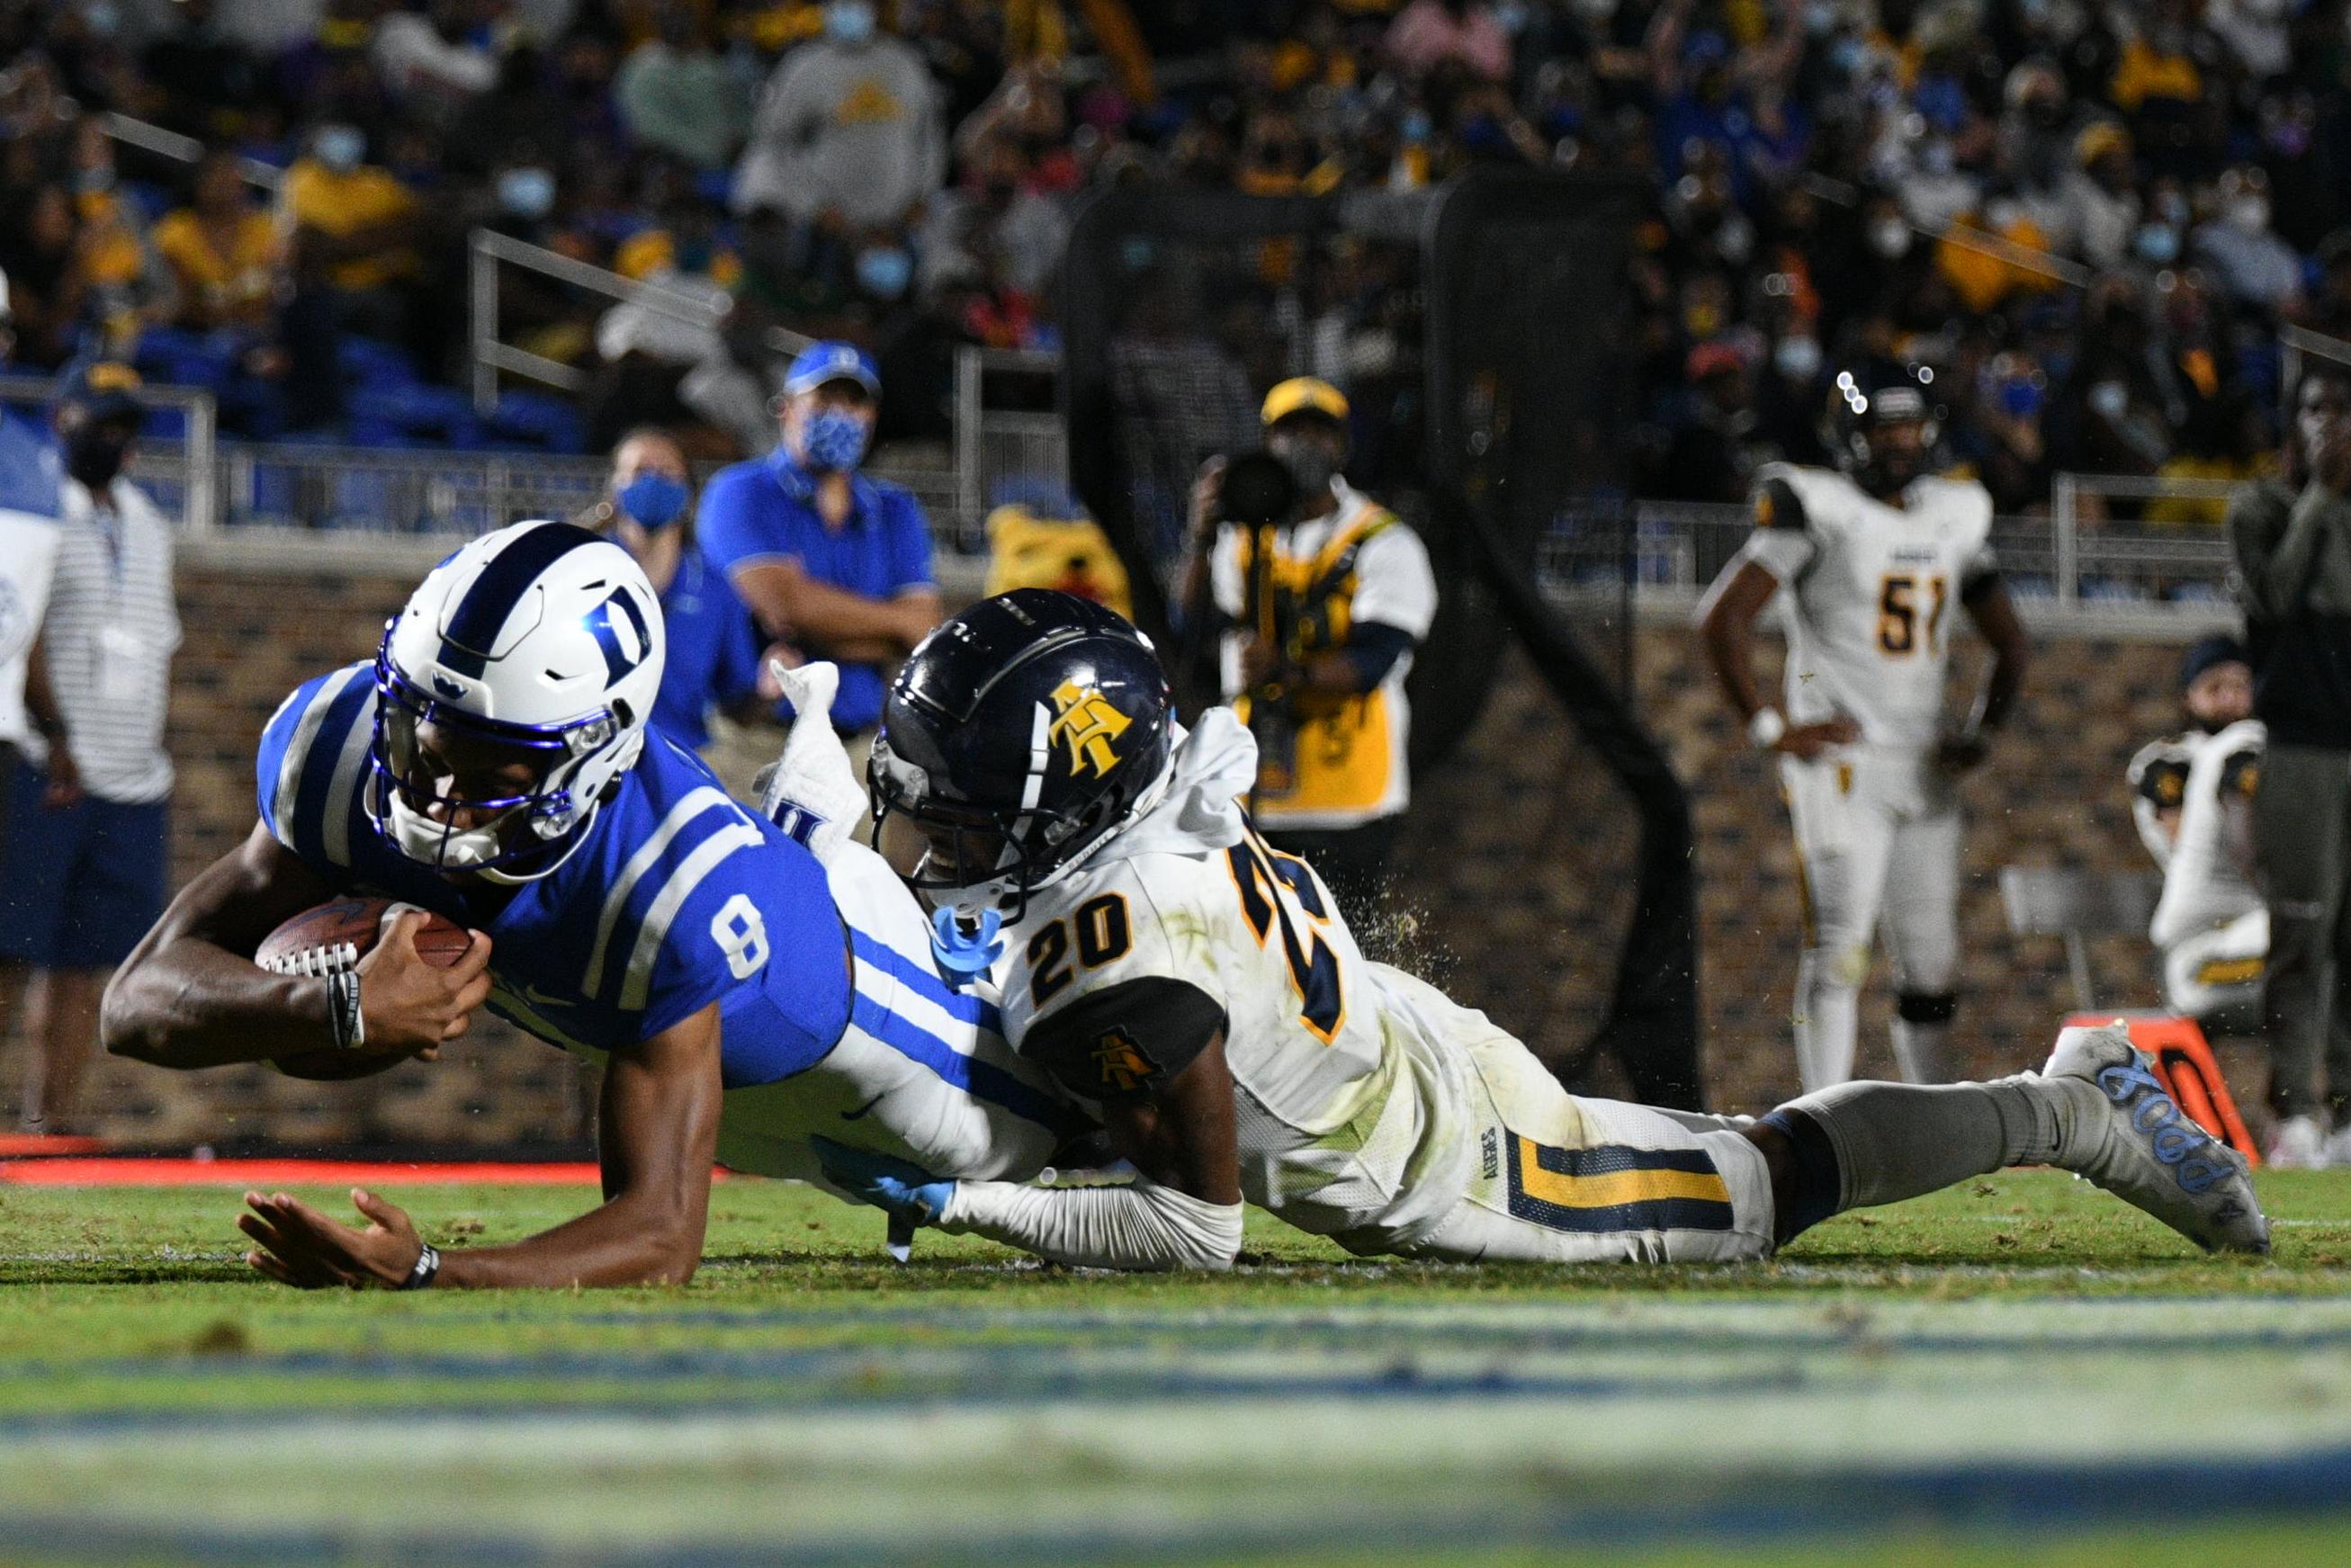 NCAA Football: North Carolina A&T at Duke